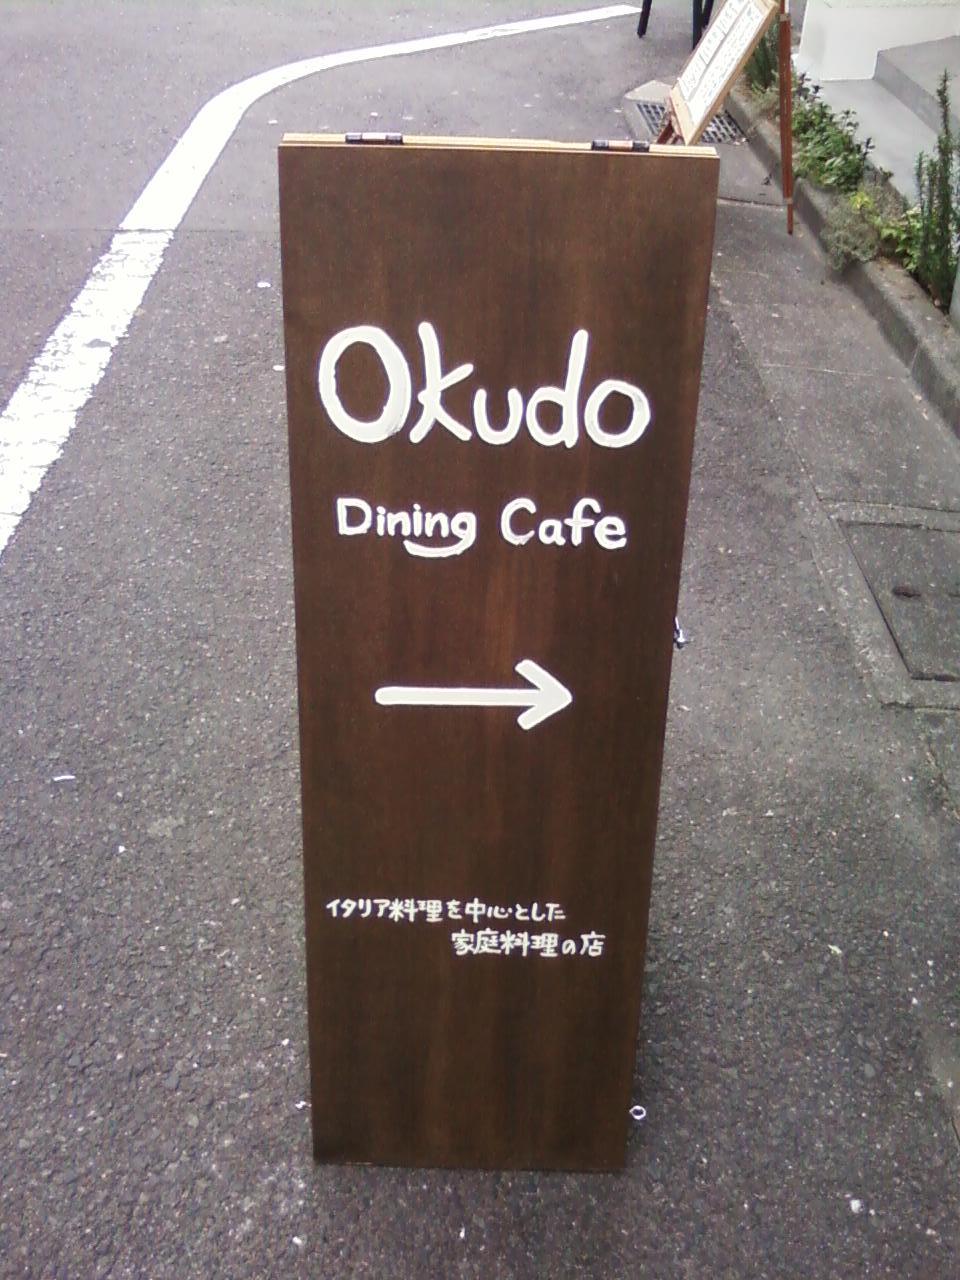 オクド ダイニング カフェ